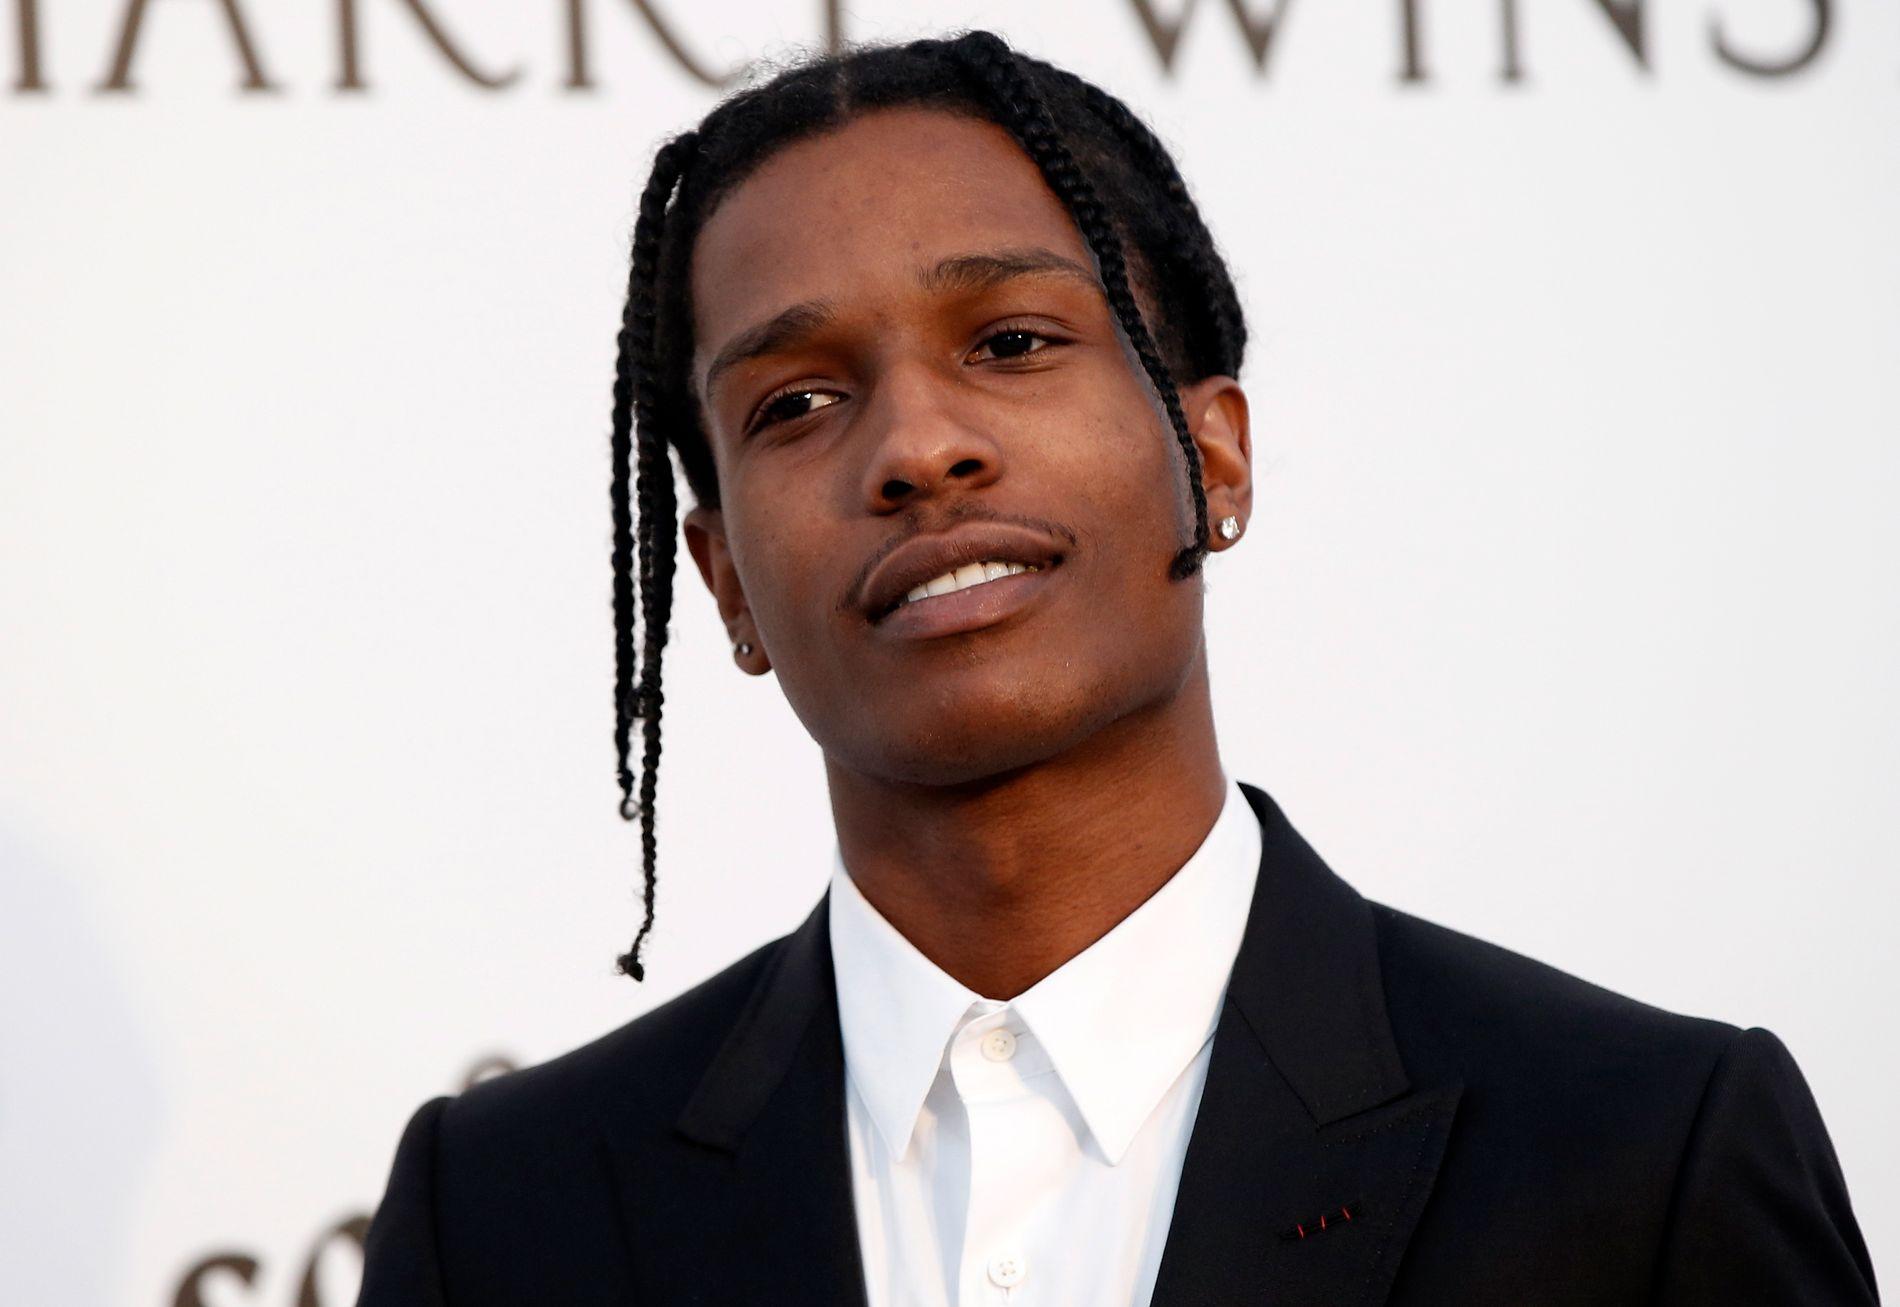 DØMT: A$AP Rocky ble forrige uke dømt til betinget fengsel.